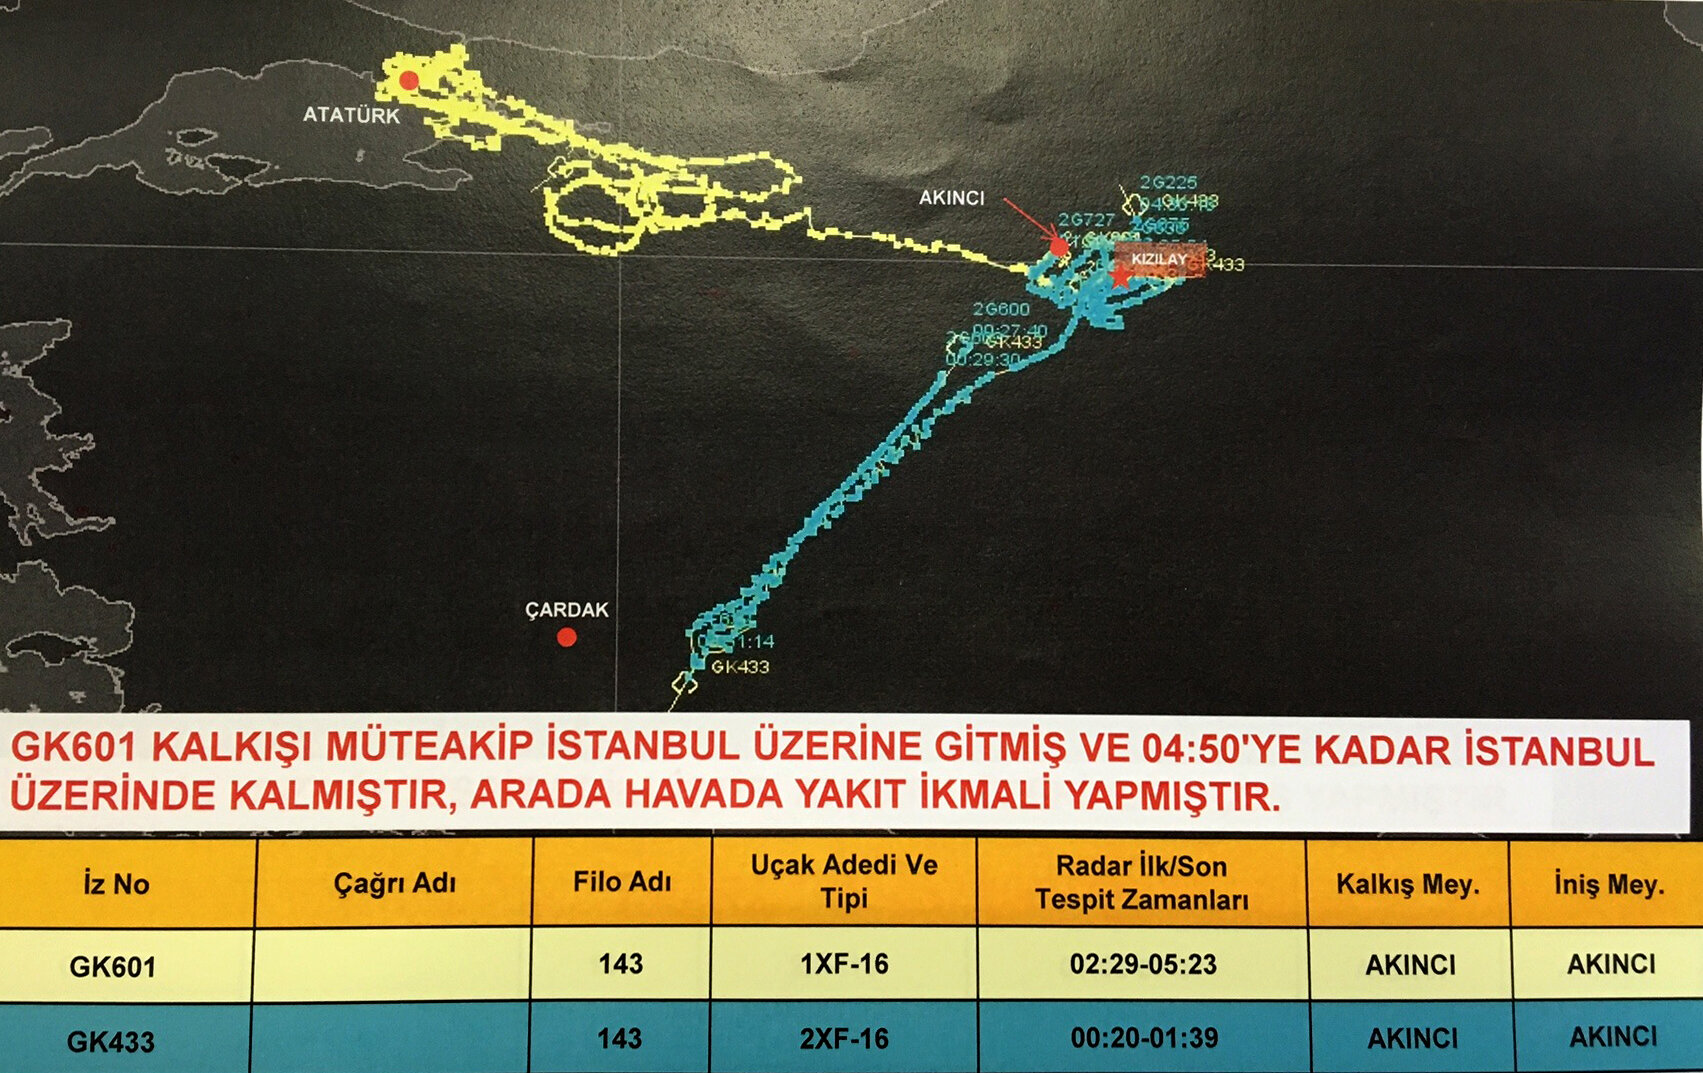 Radar izlerine göre, darbe girişimi gecesi İstanbul ve Ankara semalarında savaş uçaklarının yoğun hava hareketliliği gözlemlendi.